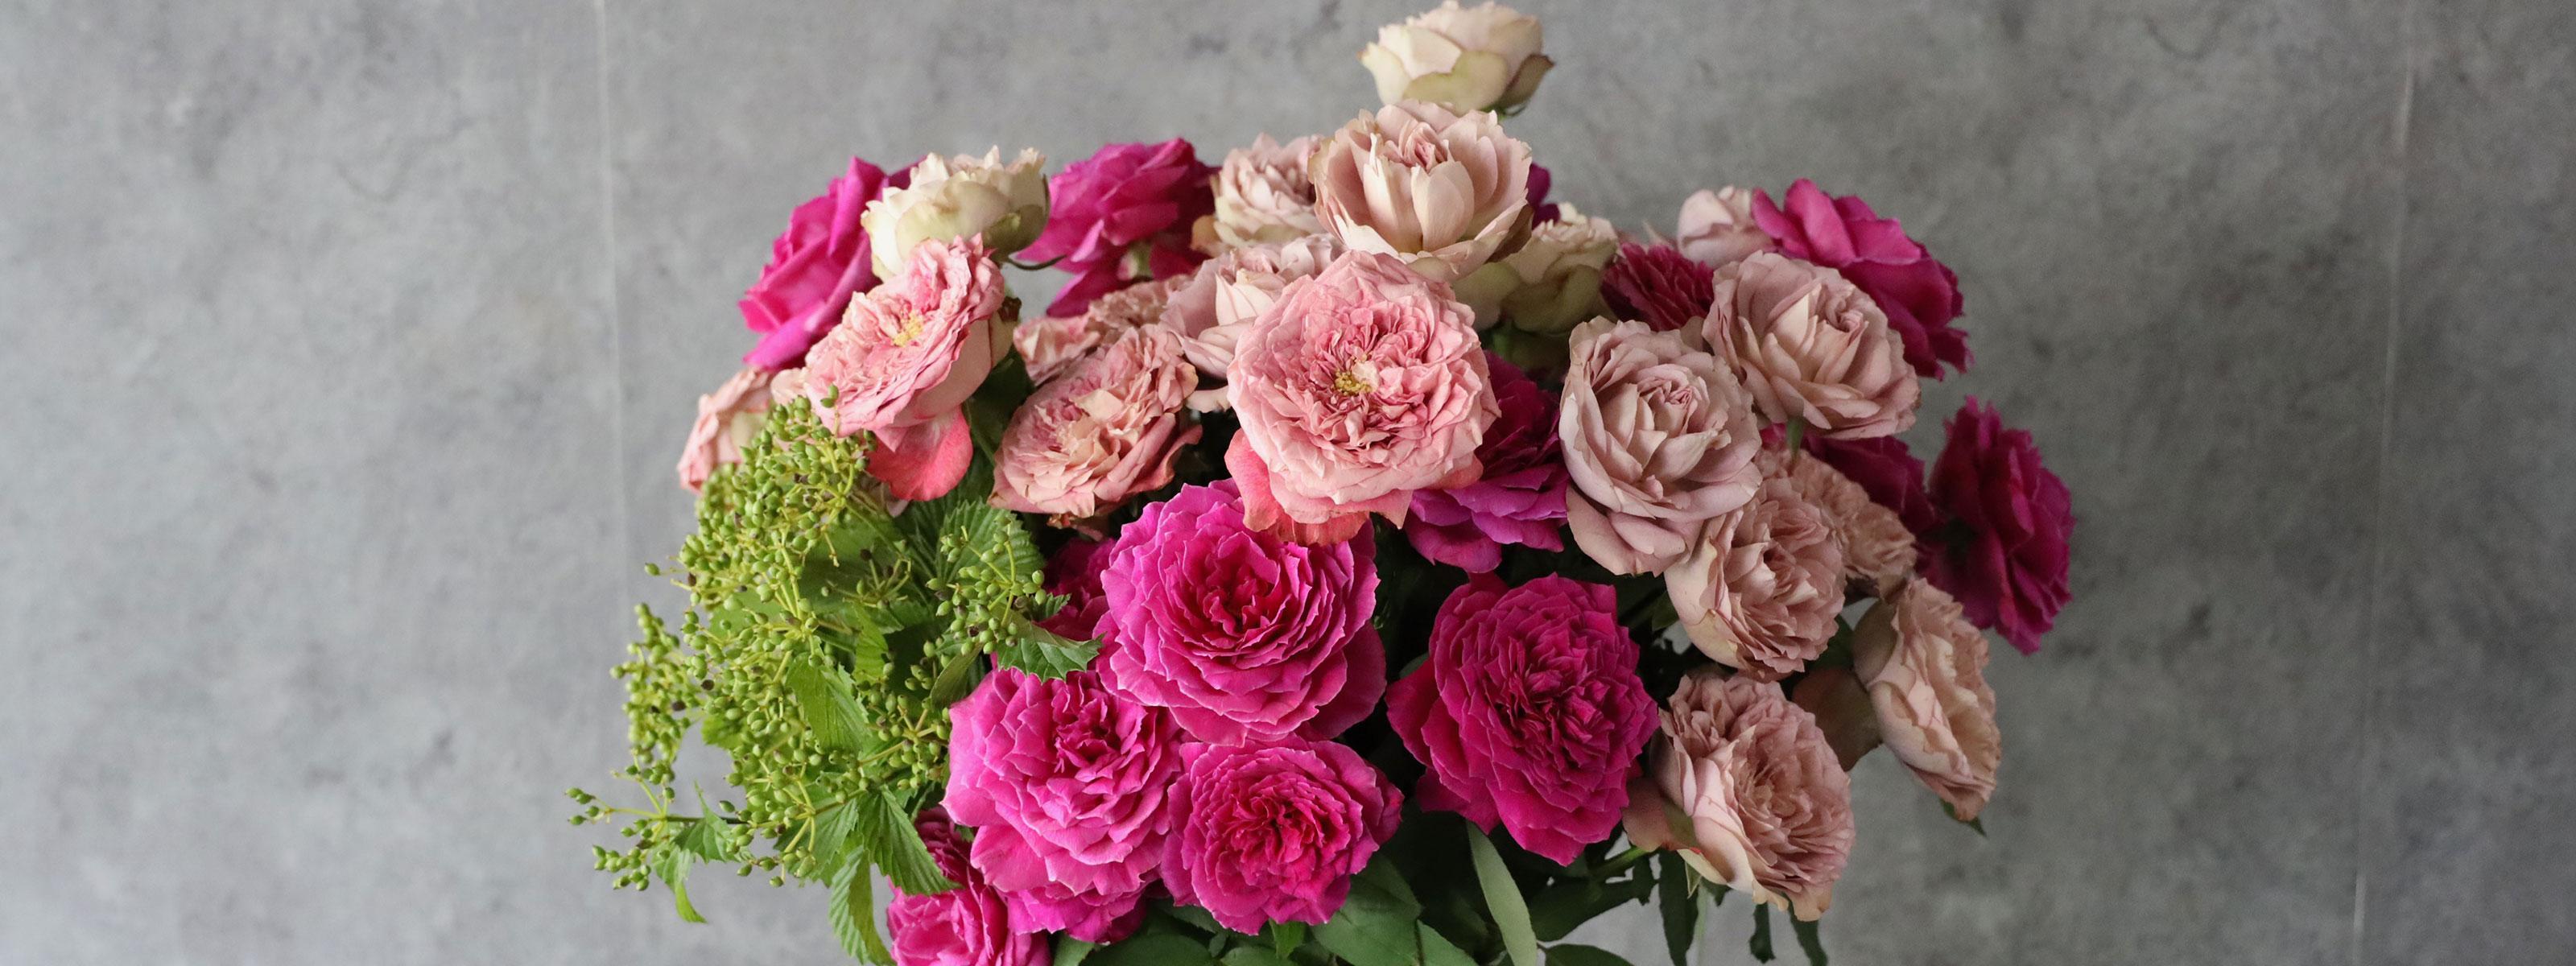 詩鳳 shion バラと季節のグリーンのシンプルな装花[色で選ぶ投げ入れ]